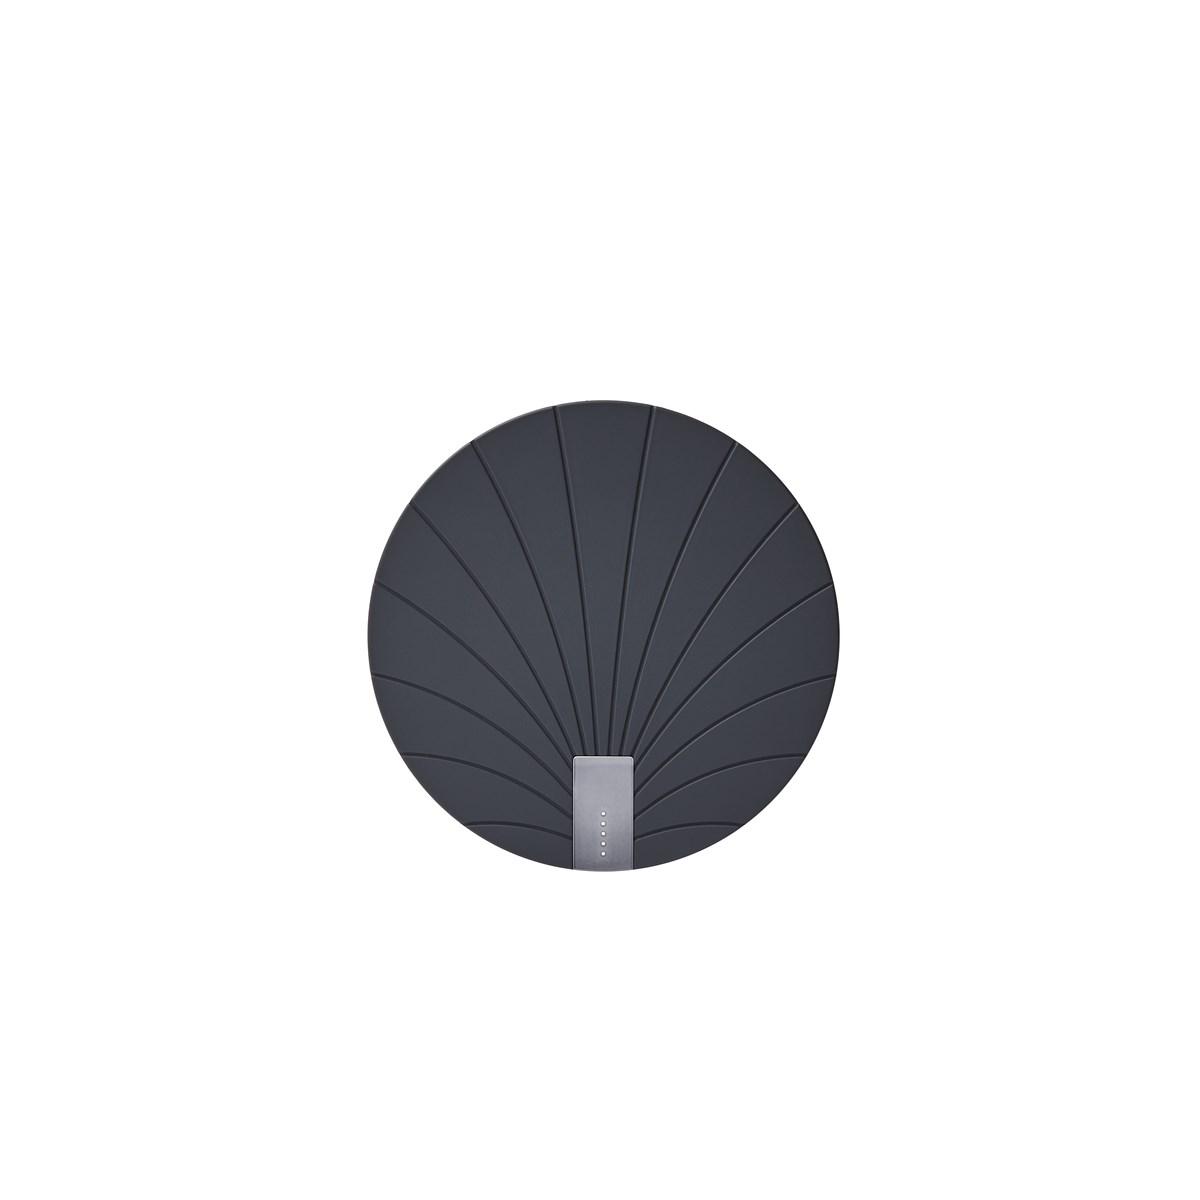 Batterie externe sans fil 5000 en ABS Noir